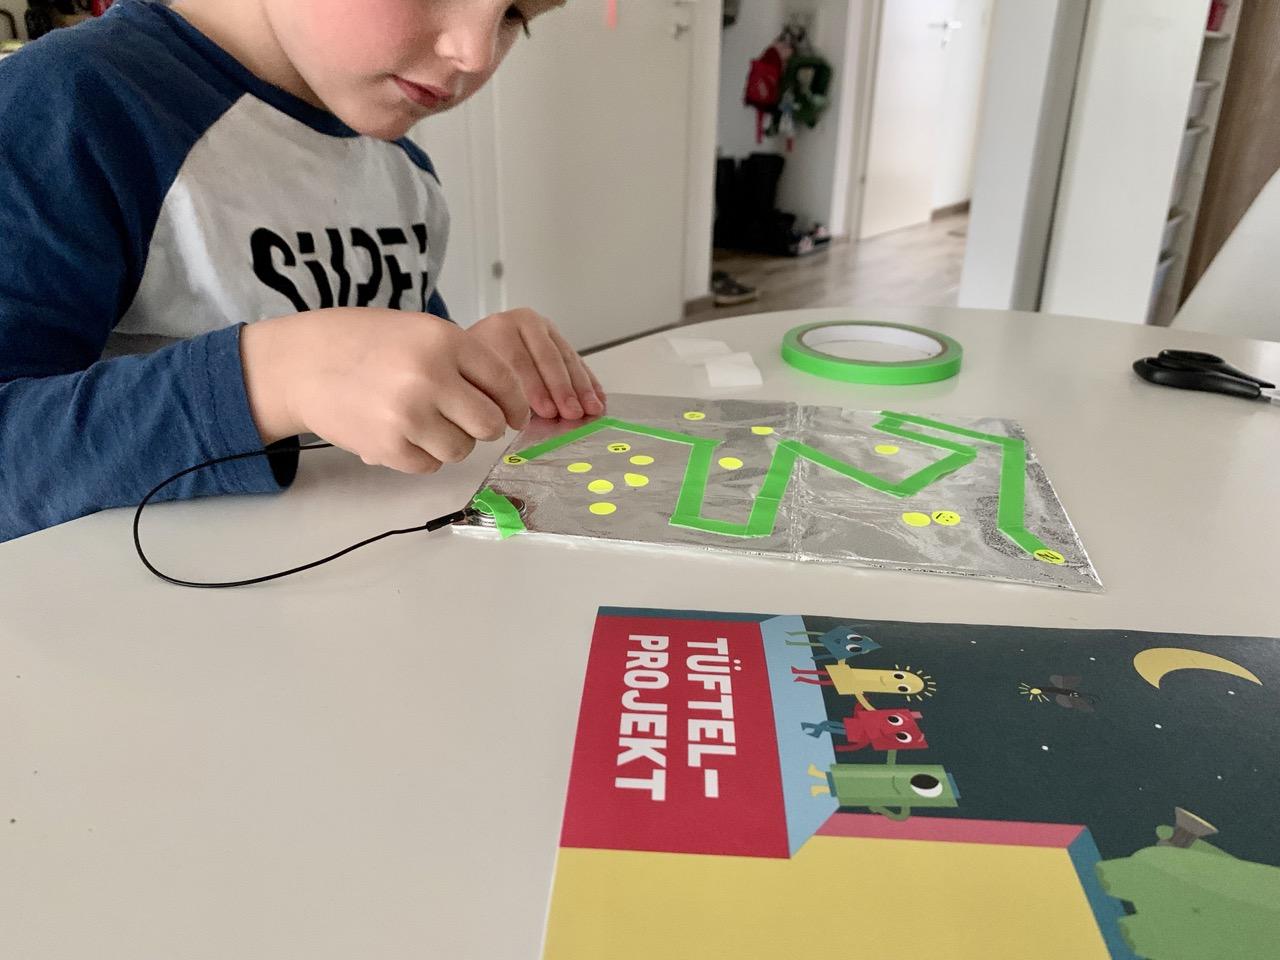 Digitalwerkstatt Box von HABA: Kinder lernen Programmieren und Tüfteln und werden fit für die technische Zukunft